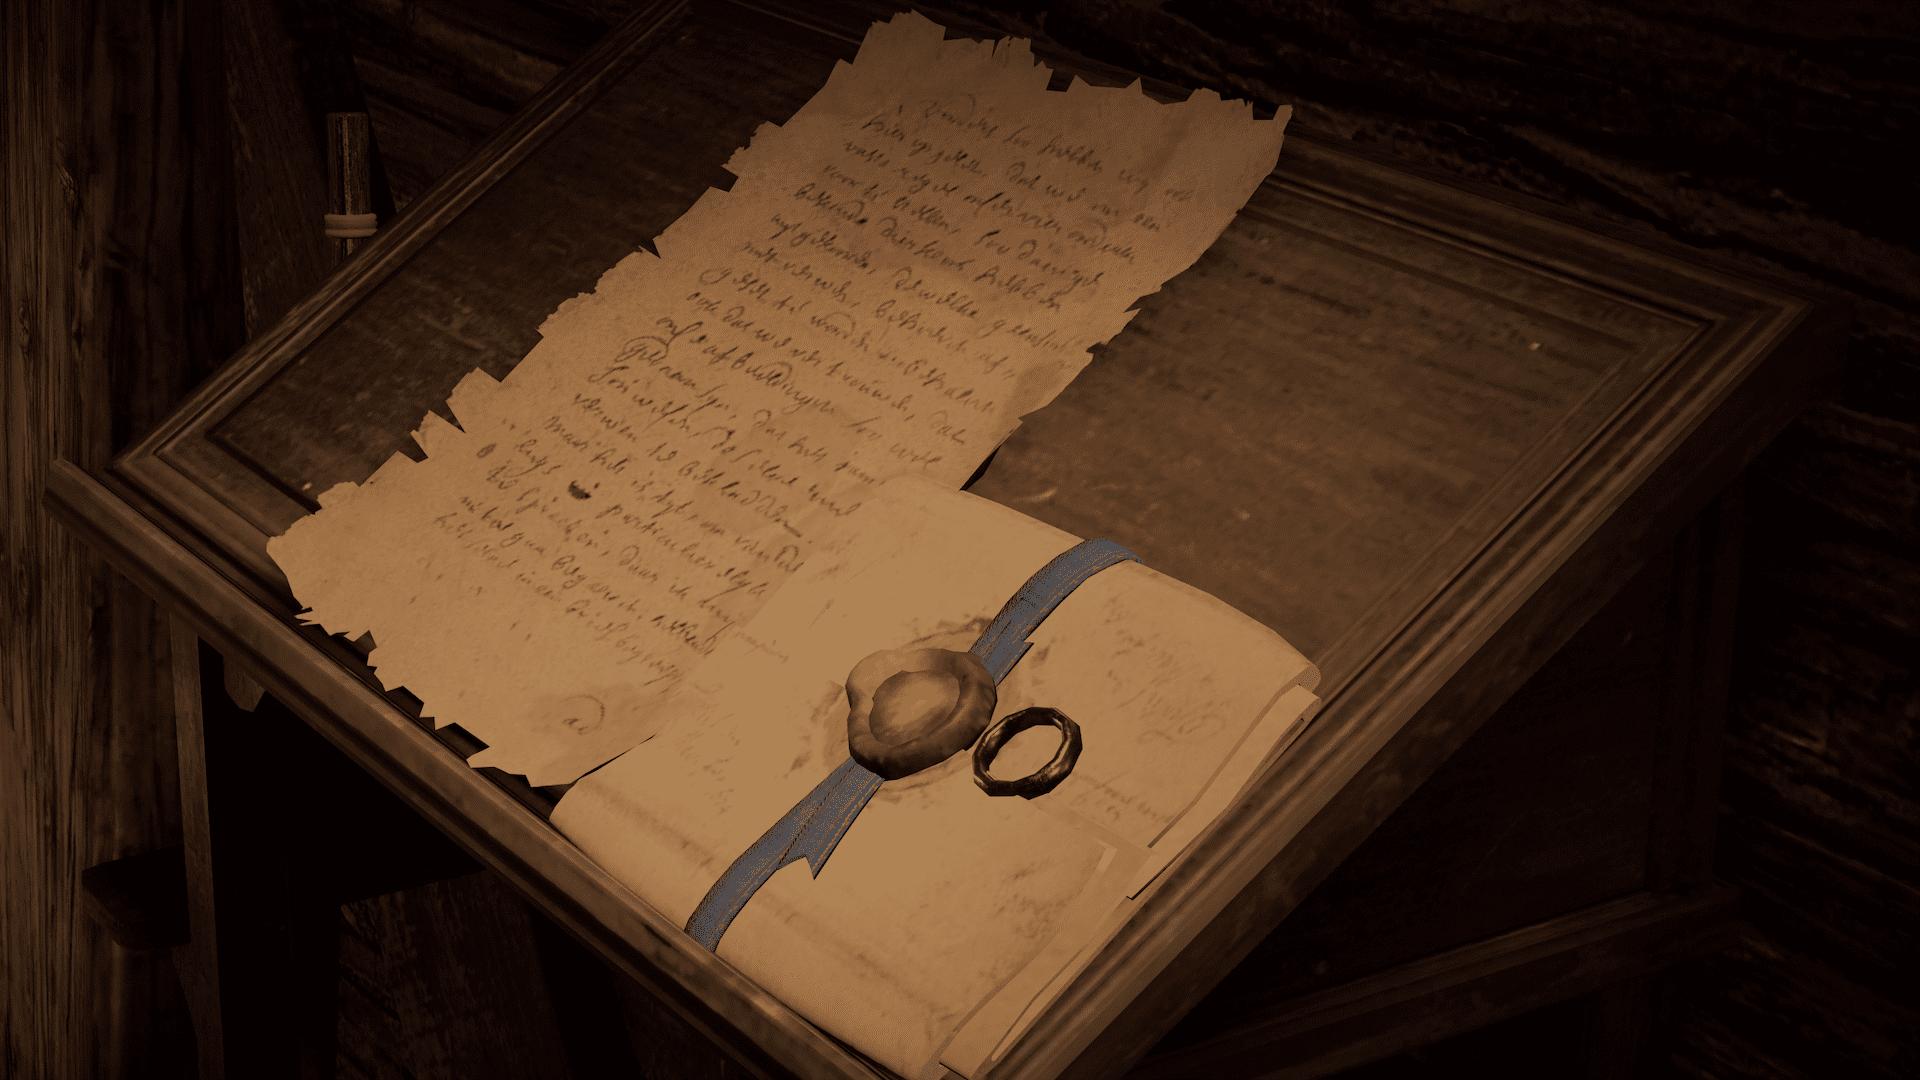 ВAssassin's Creed Valhalla обнаружили отсылки к«Хоббиту» и«Гарри Поттеру»